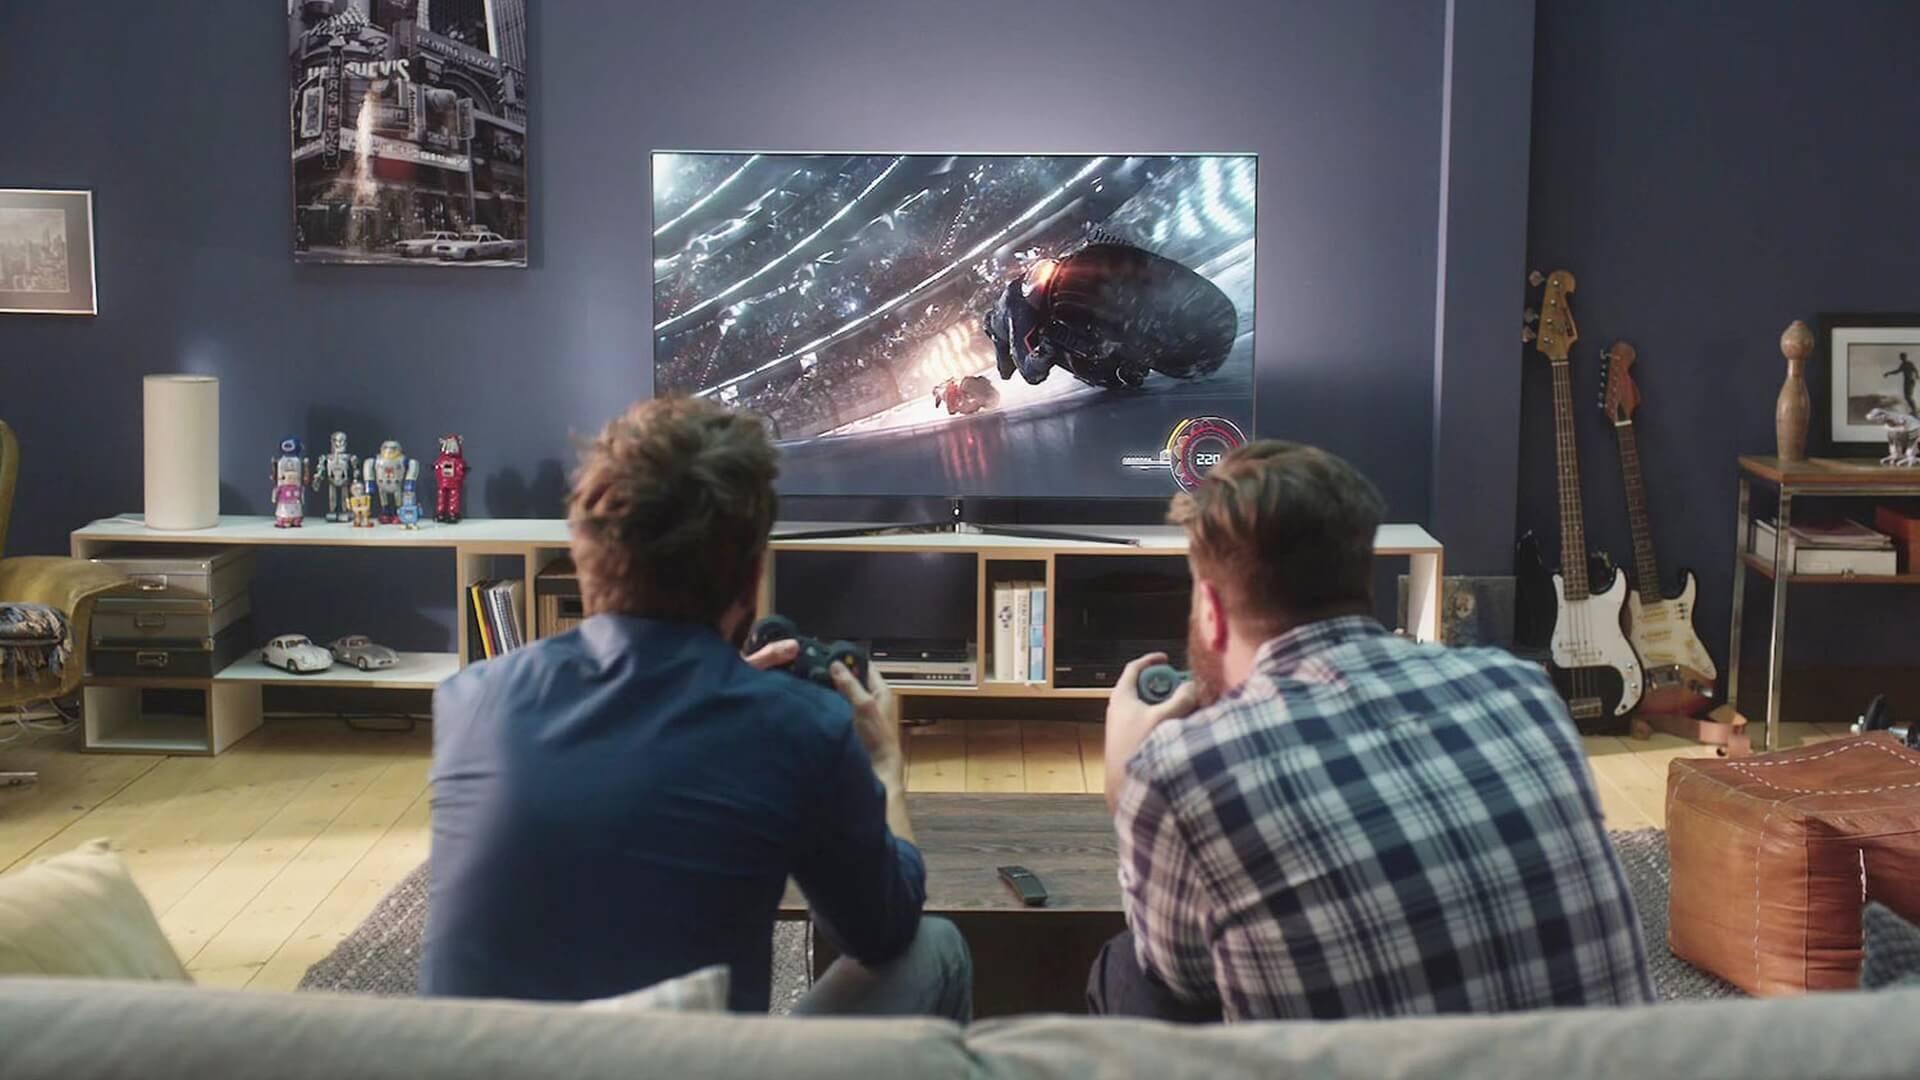 Samsung_QLED_Fernseher_Gaming_Heimkino-de